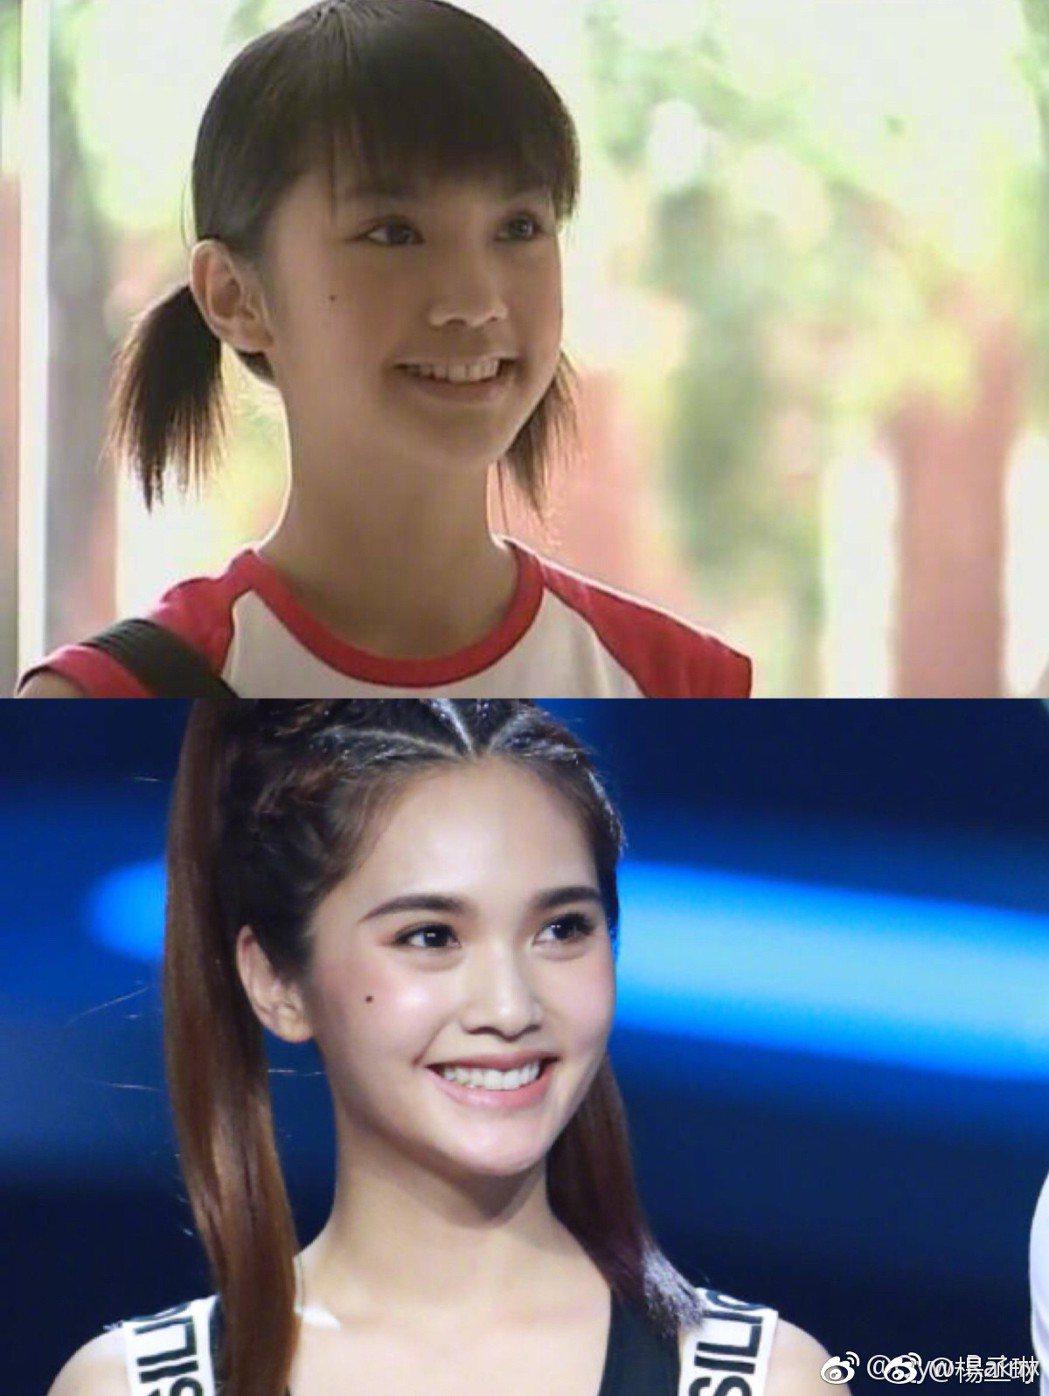 楊丞琳Po現在和18年前的對比照,幾乎沒有差異。圖/摘自微博